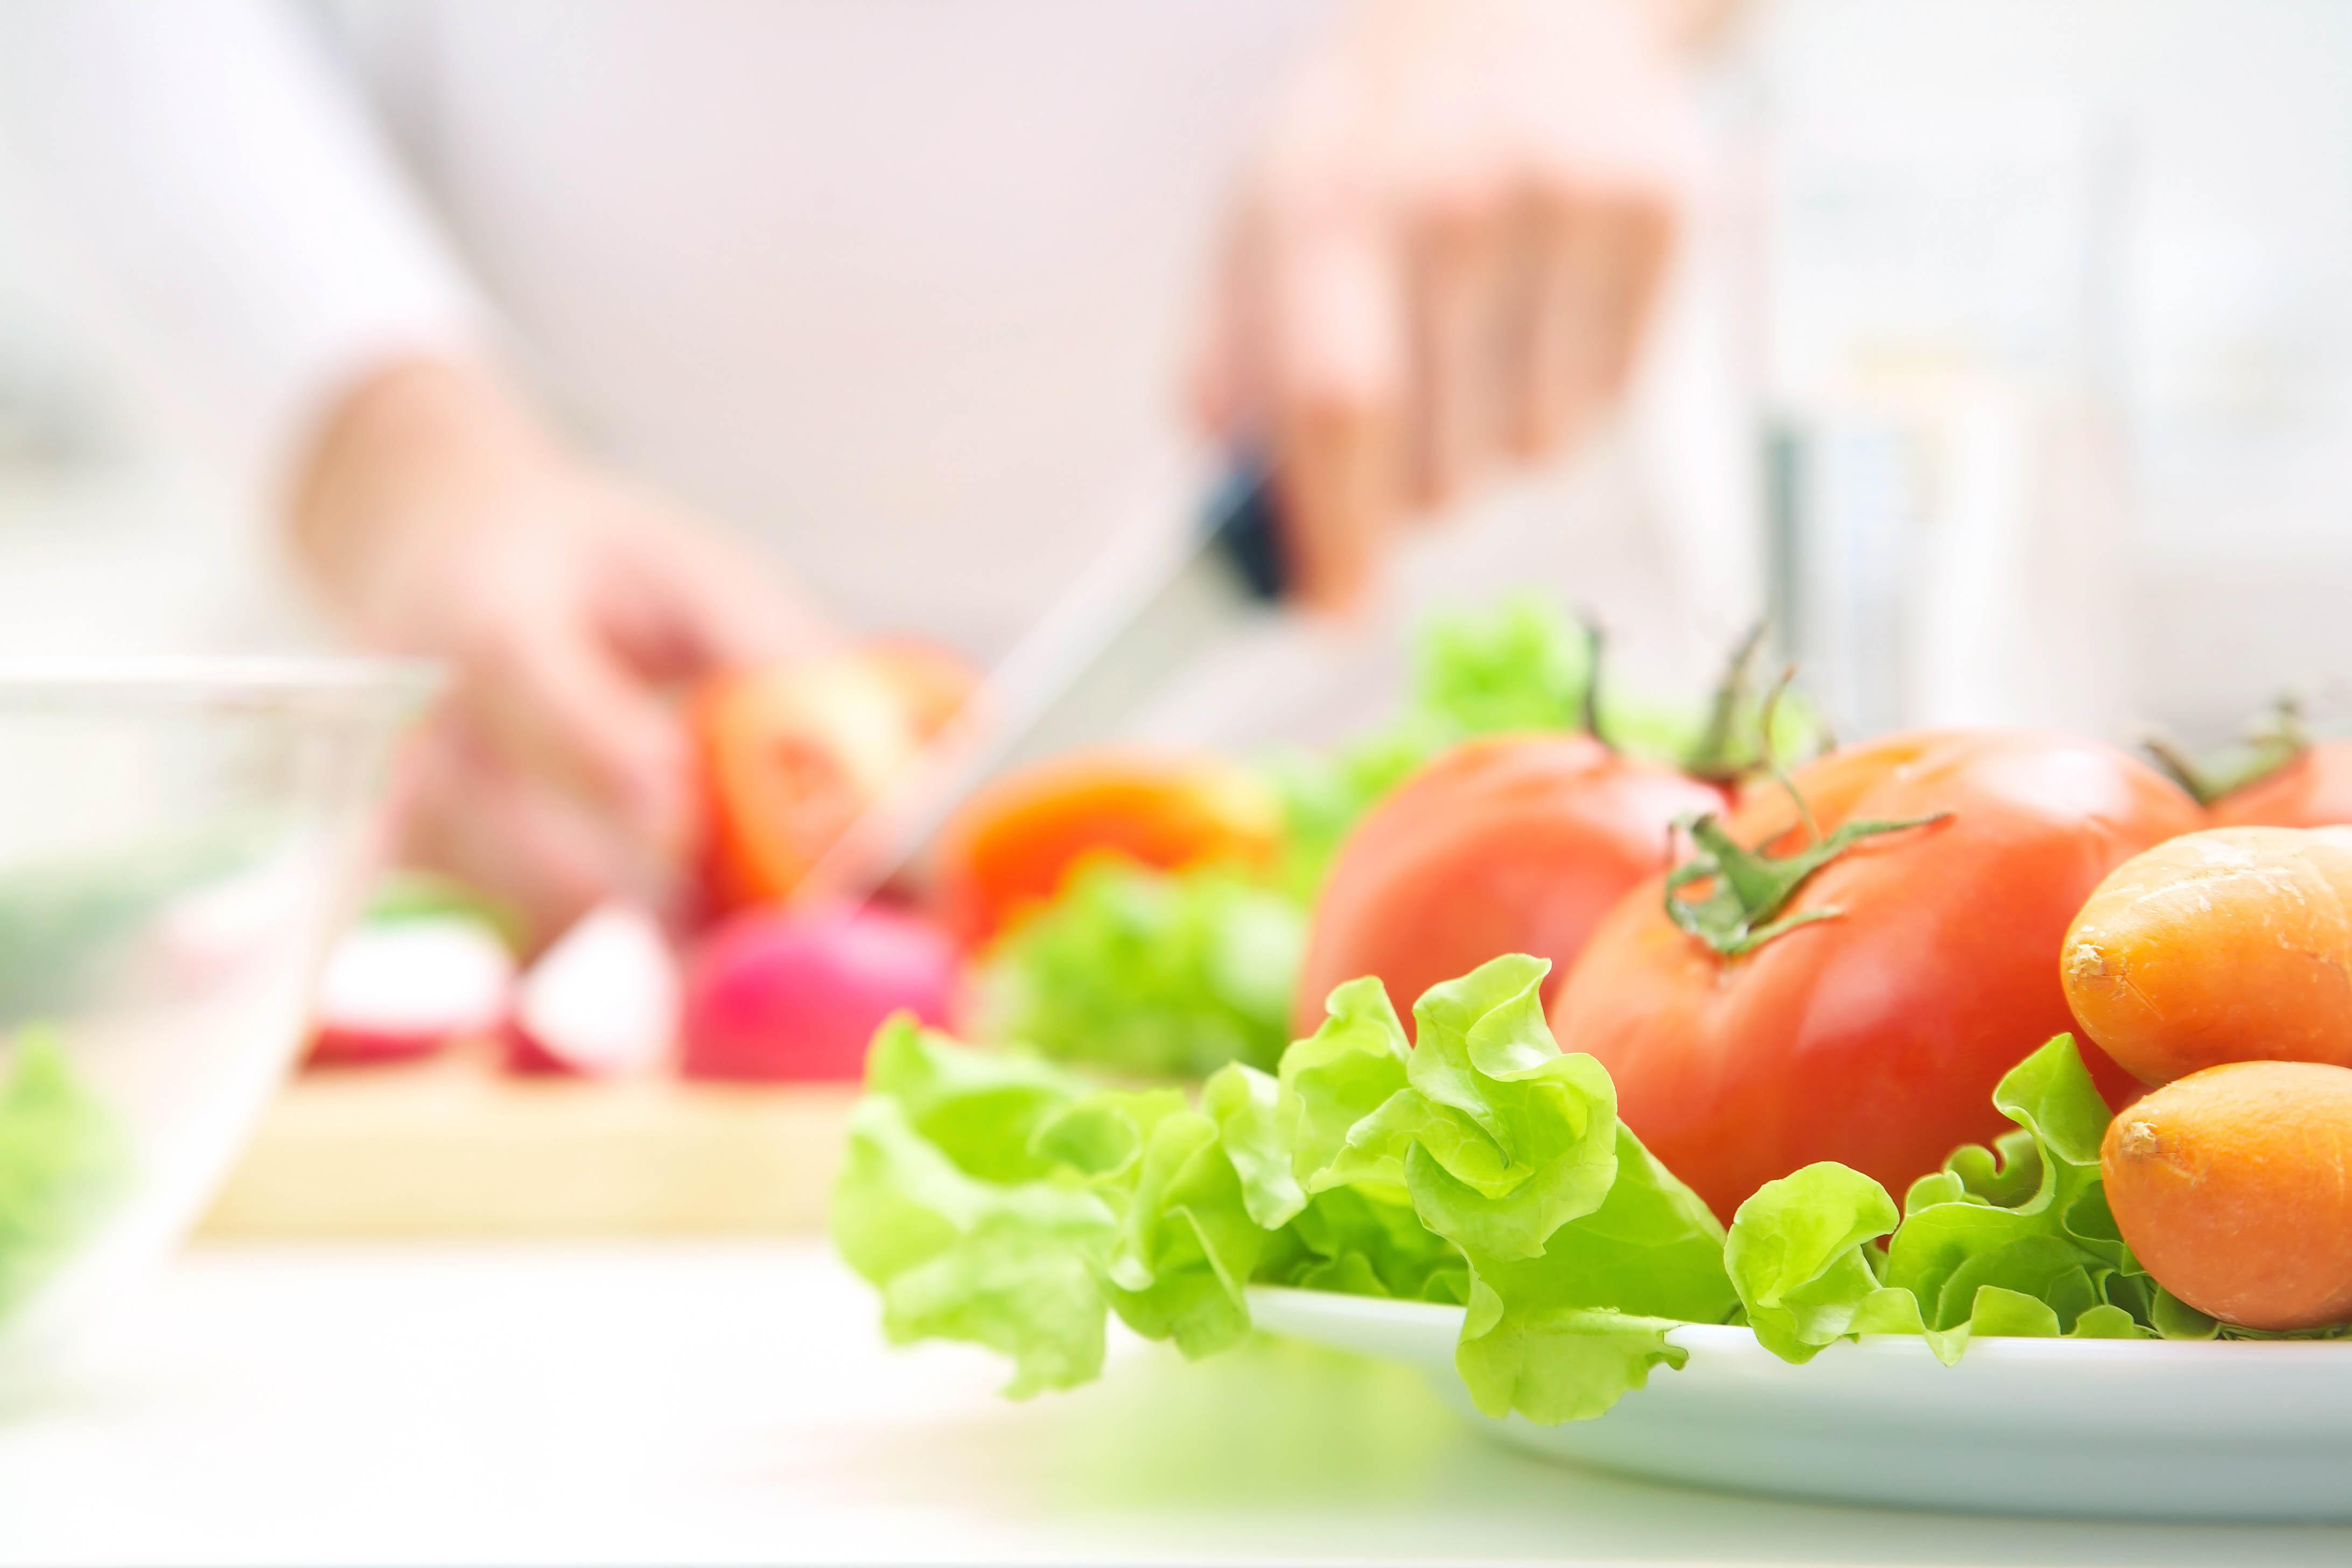 Cuisiner en pleine conscience